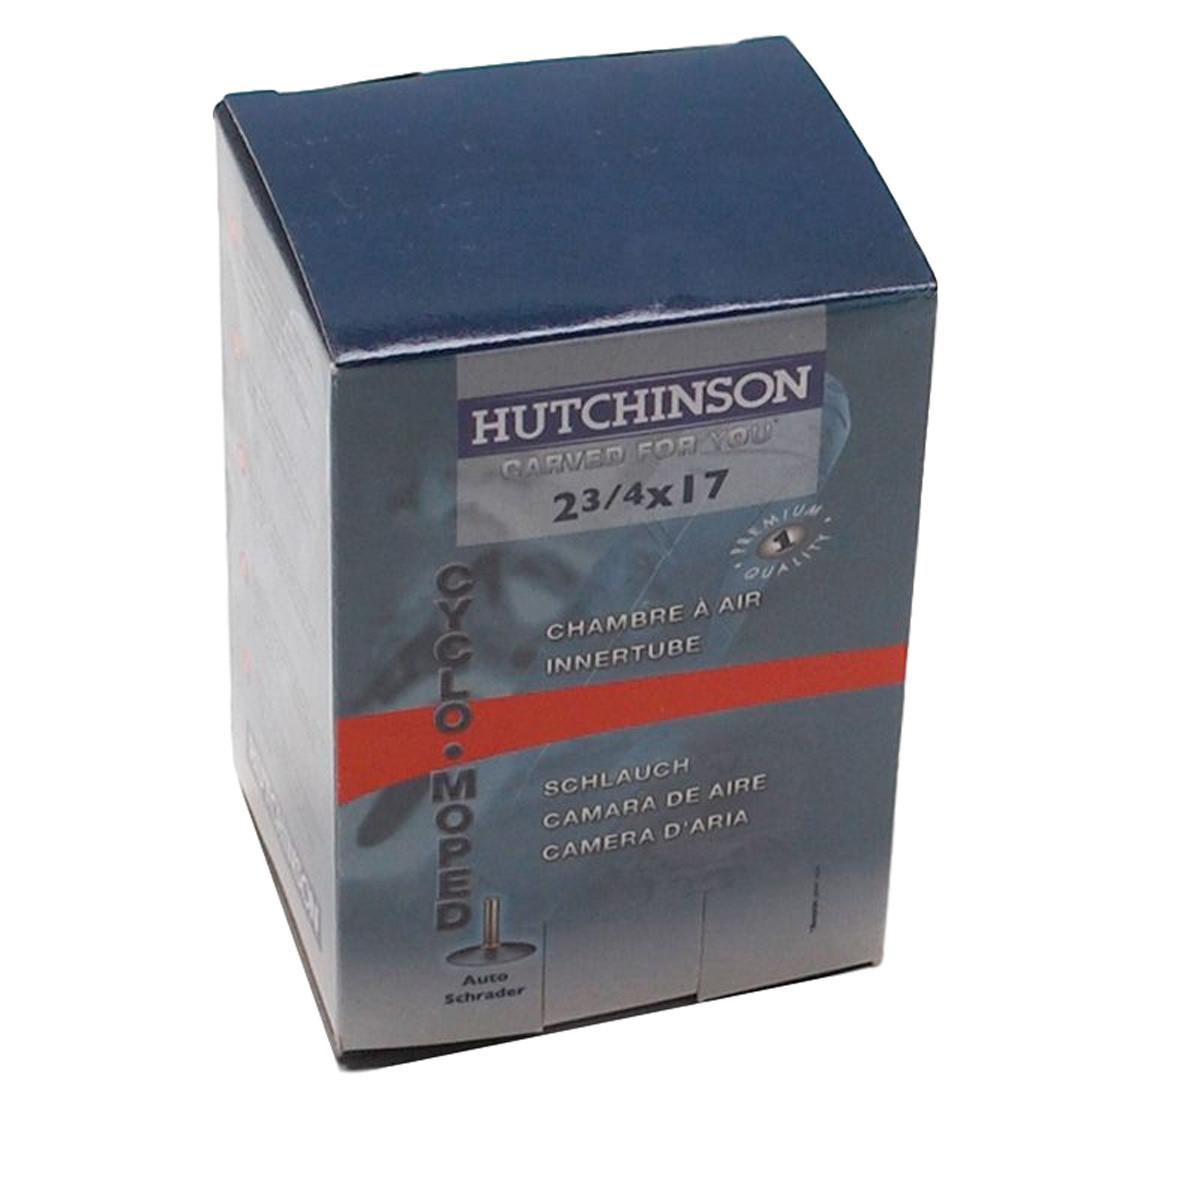 Chambre air 17 pouces hutchinson 2 3 4x17 for Chambre air 13 pouces